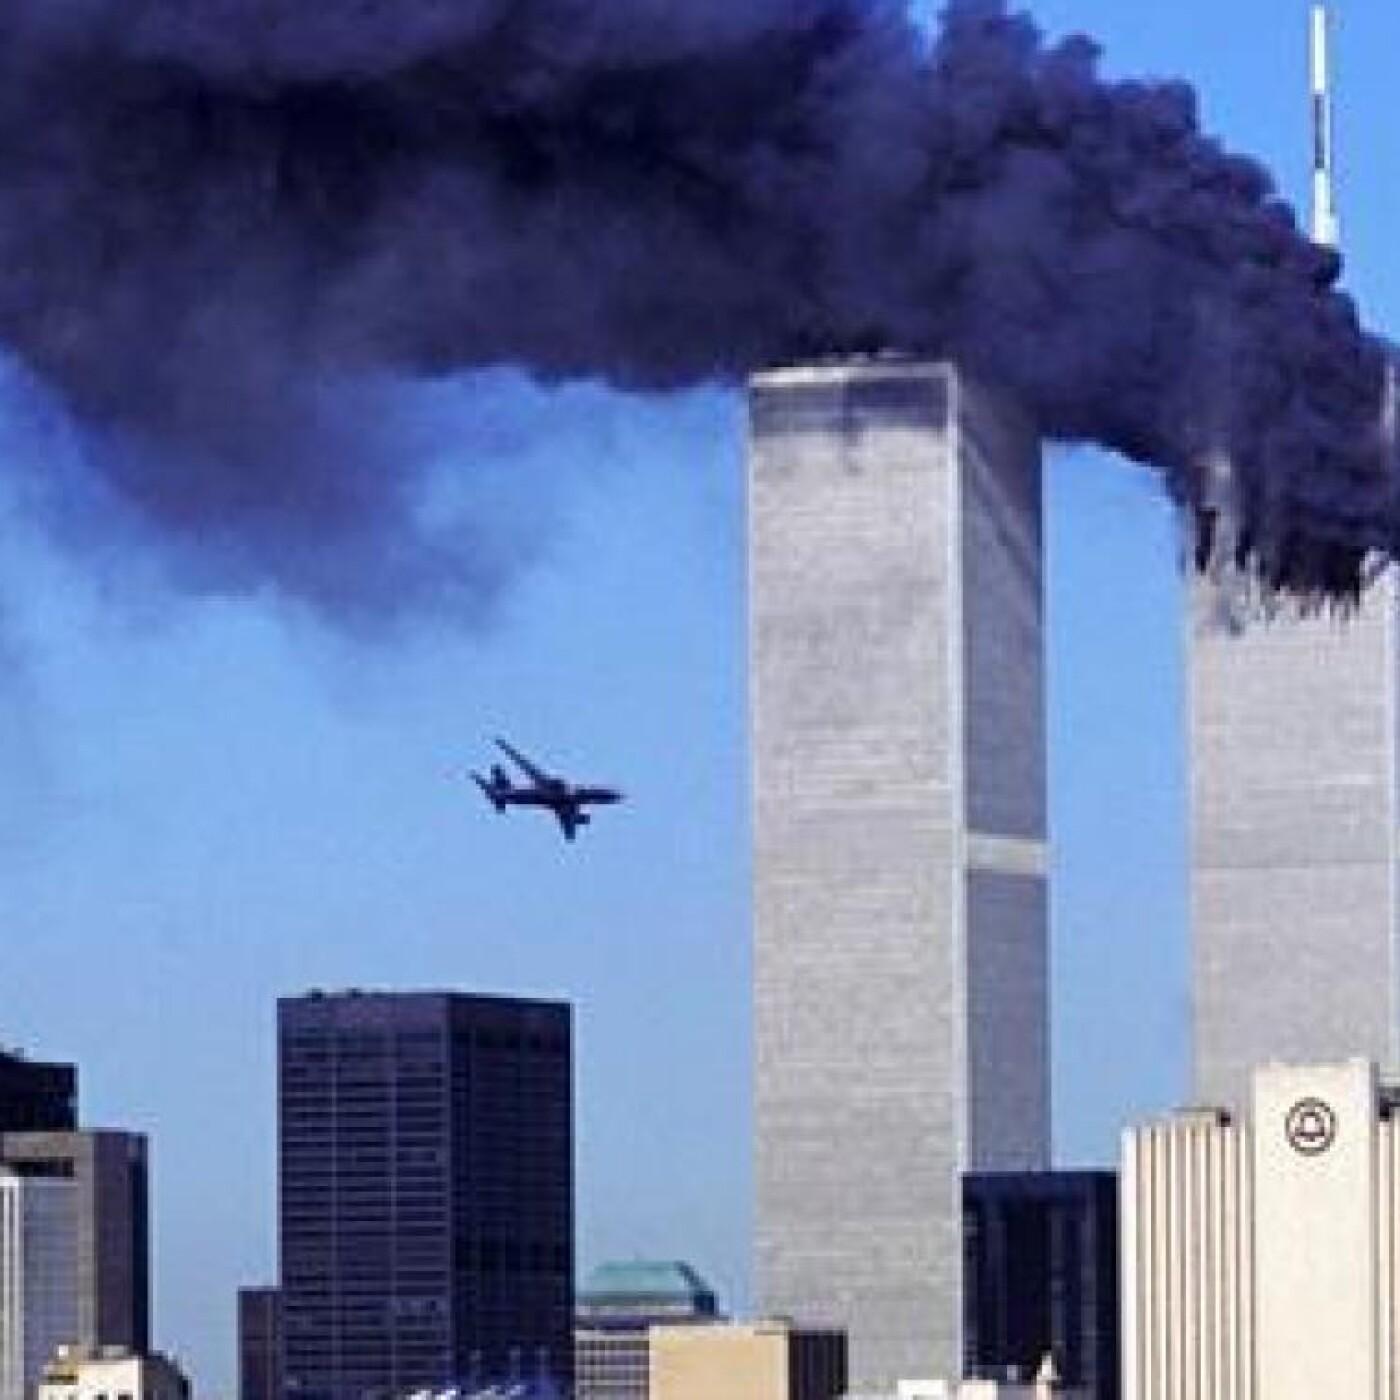 Humeur du jour, 11 septembre 2001, une date dans l'histoire - 09 09 2021 - StereoChic Radio